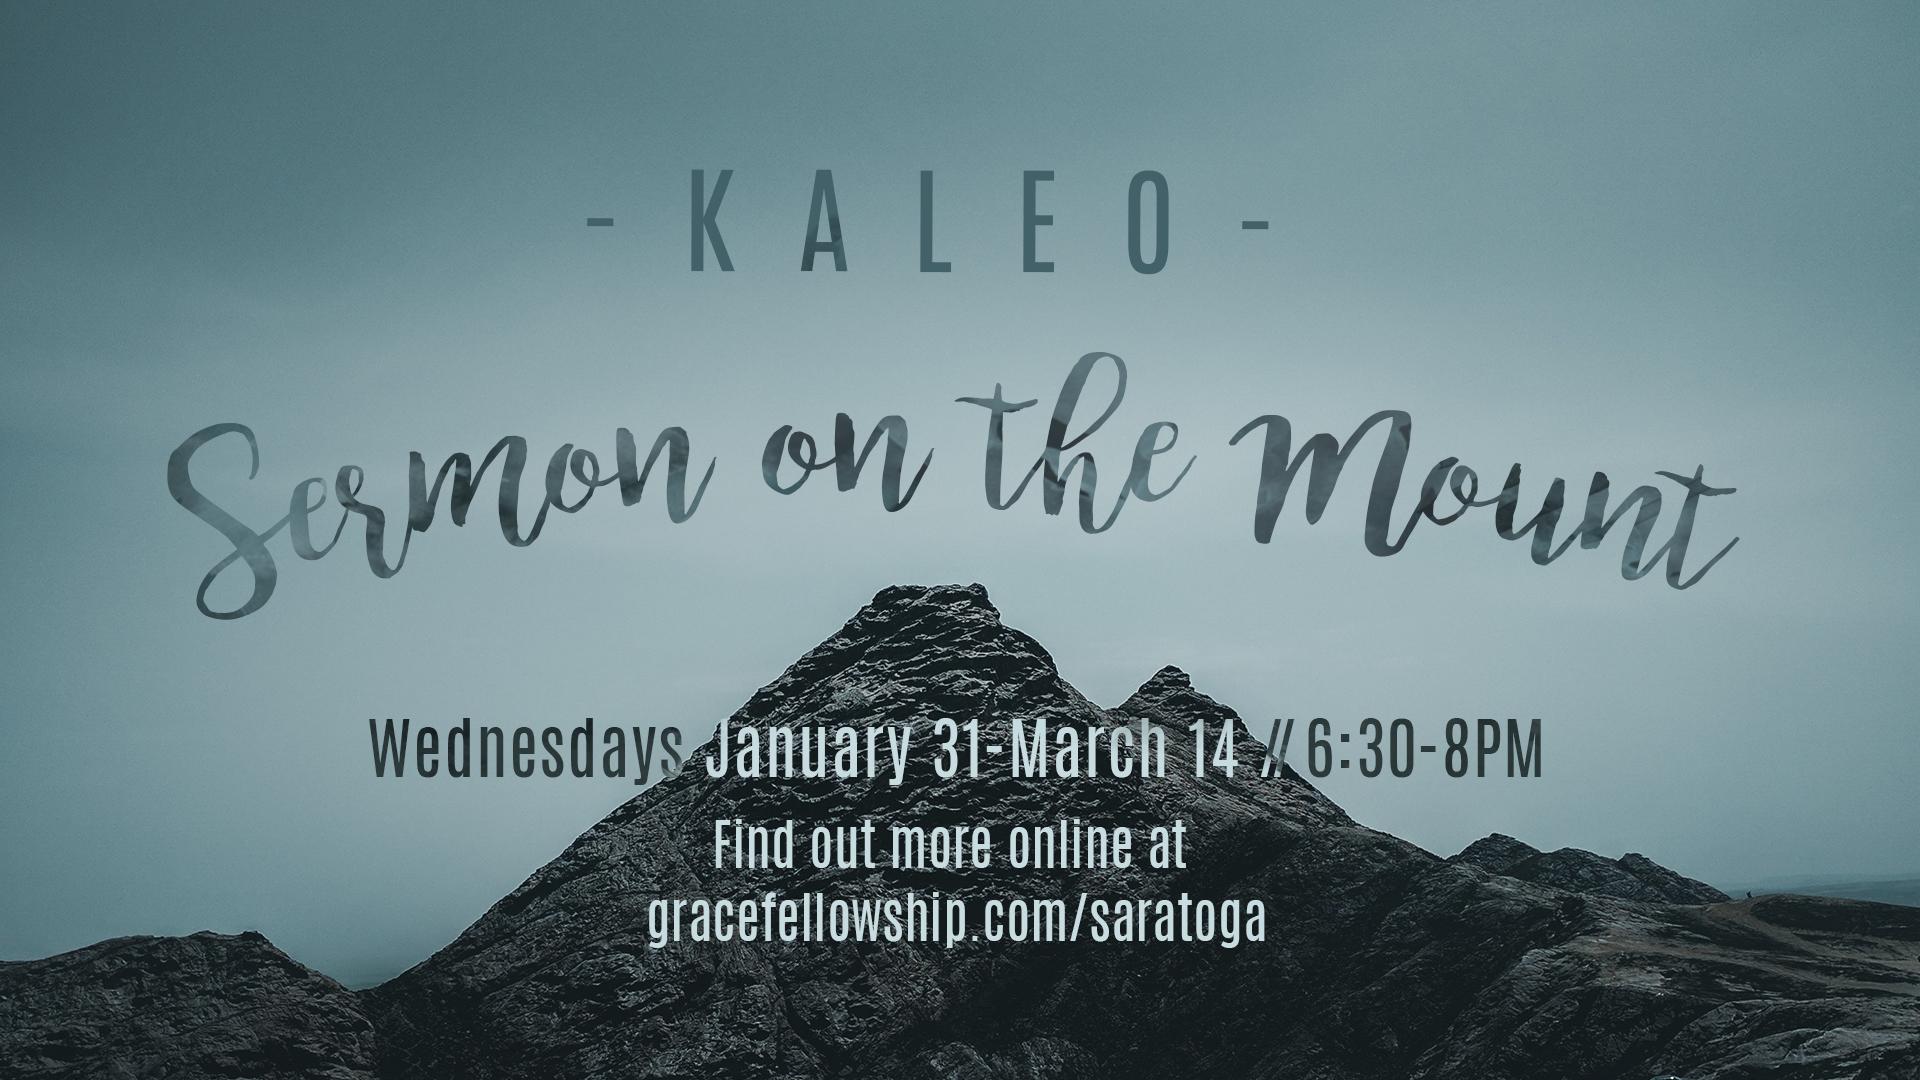 Kaleo: Sermon on the Mount